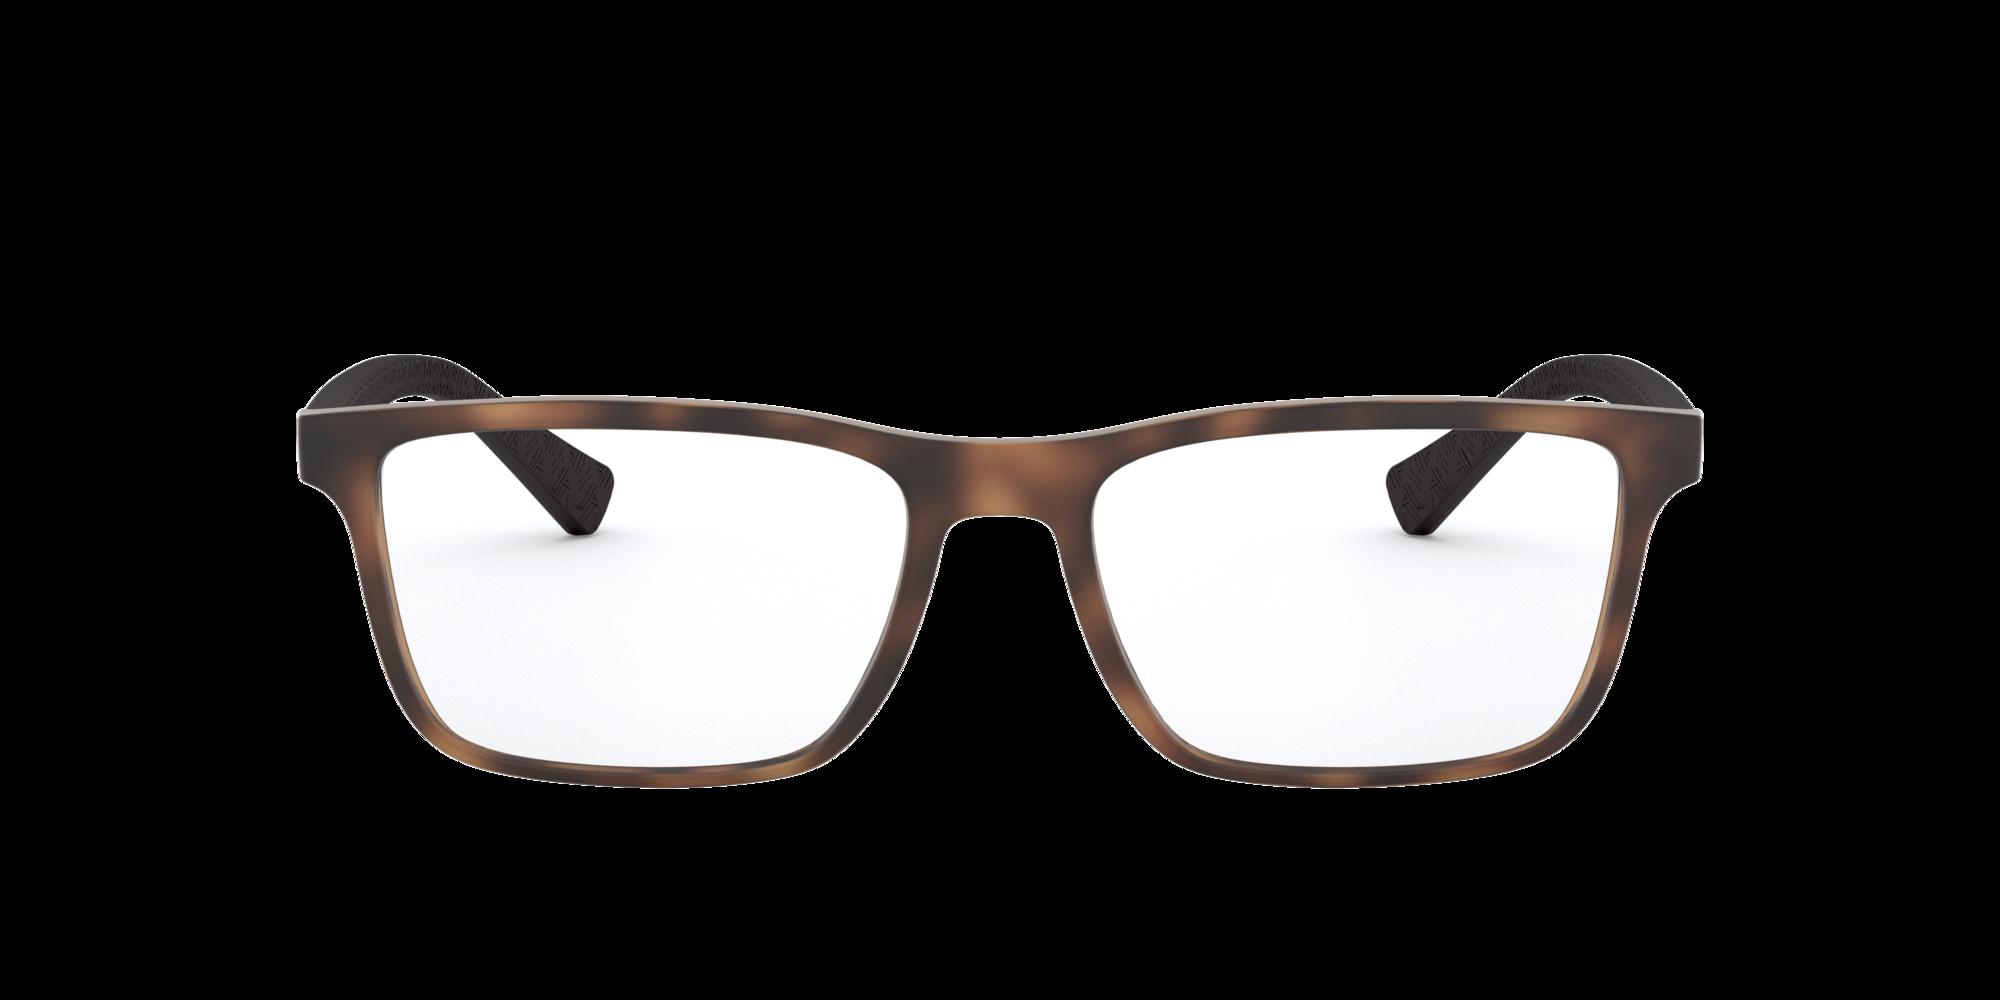 Imagen para AX3067 de LensCrafters |  Espejuelos, espejuelos graduados en línea, gafas